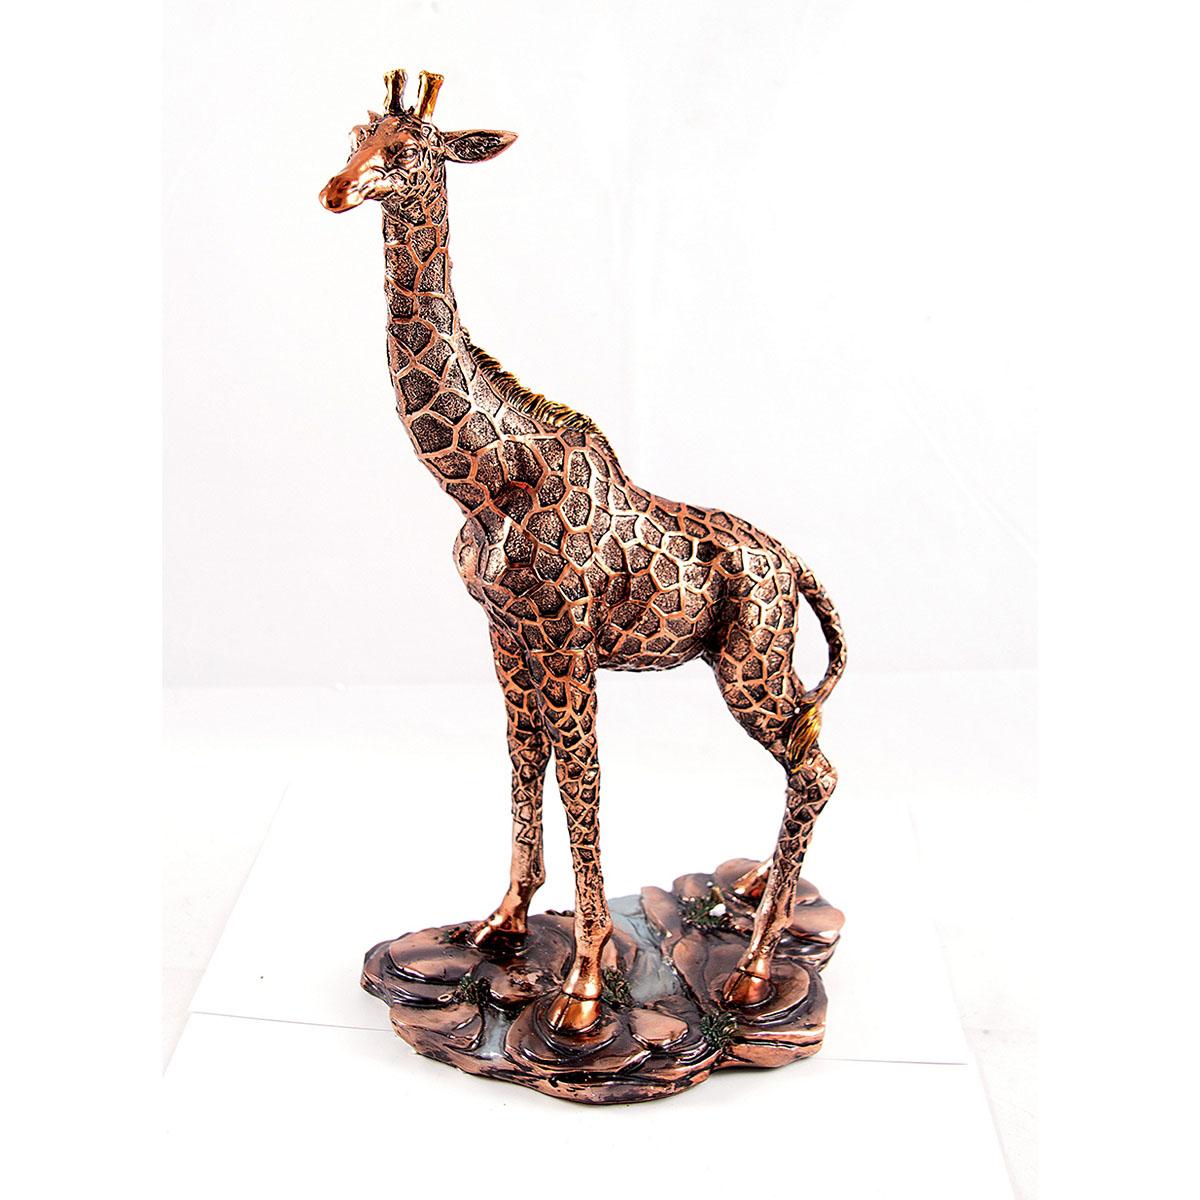 Статуэтка Русские Подарки Жираф, 21 х 37 см74-0120Статуэтка Русские Подарки Жираф, изготовленная изполистоуна, имеет изысканный внешний вид. Изделие станет прекрасным украшением интерьерагостиной, офиса или дома. Вы можете поставить статуэтку влюбое место, где она будет удачно смотреться и радоватьглаз. Правила ухода: регулярно вытирать пыль сухой, мягкой тканью.